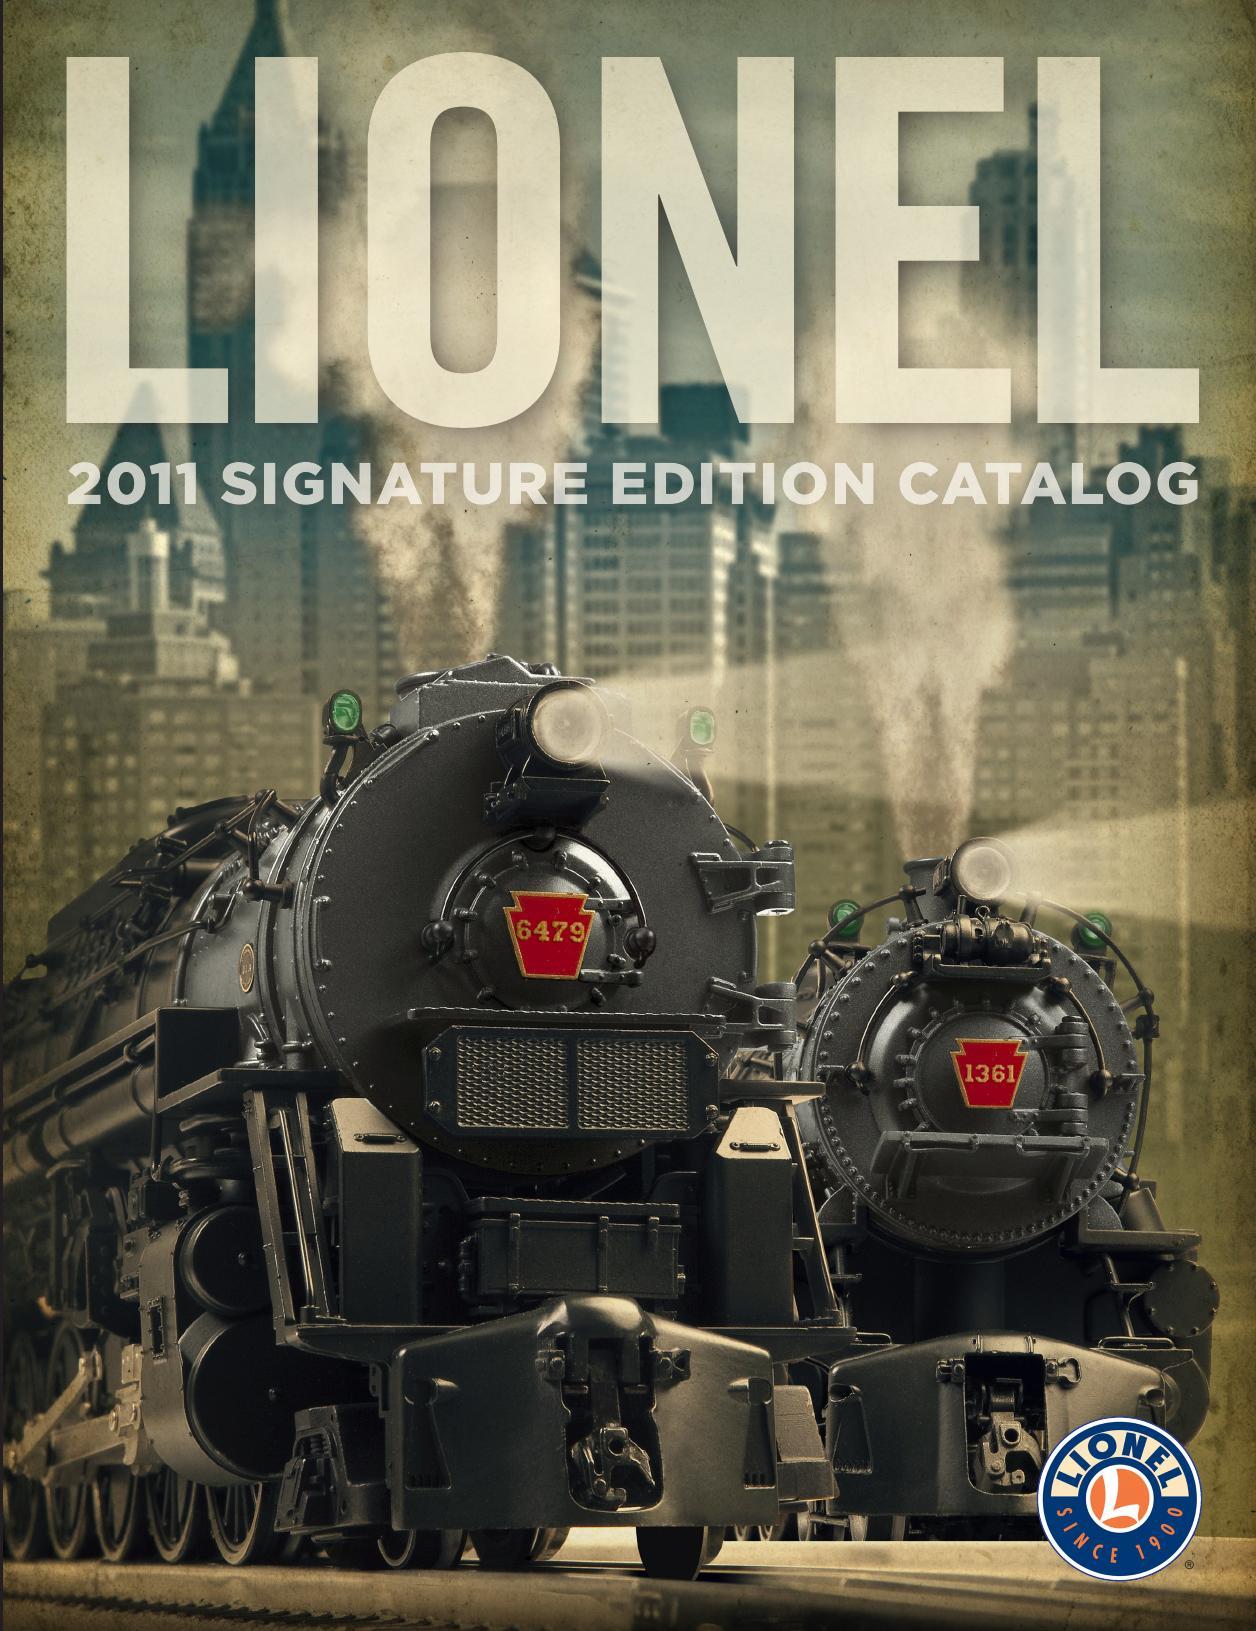 Lionel Catalogs - Signature Edition 2011